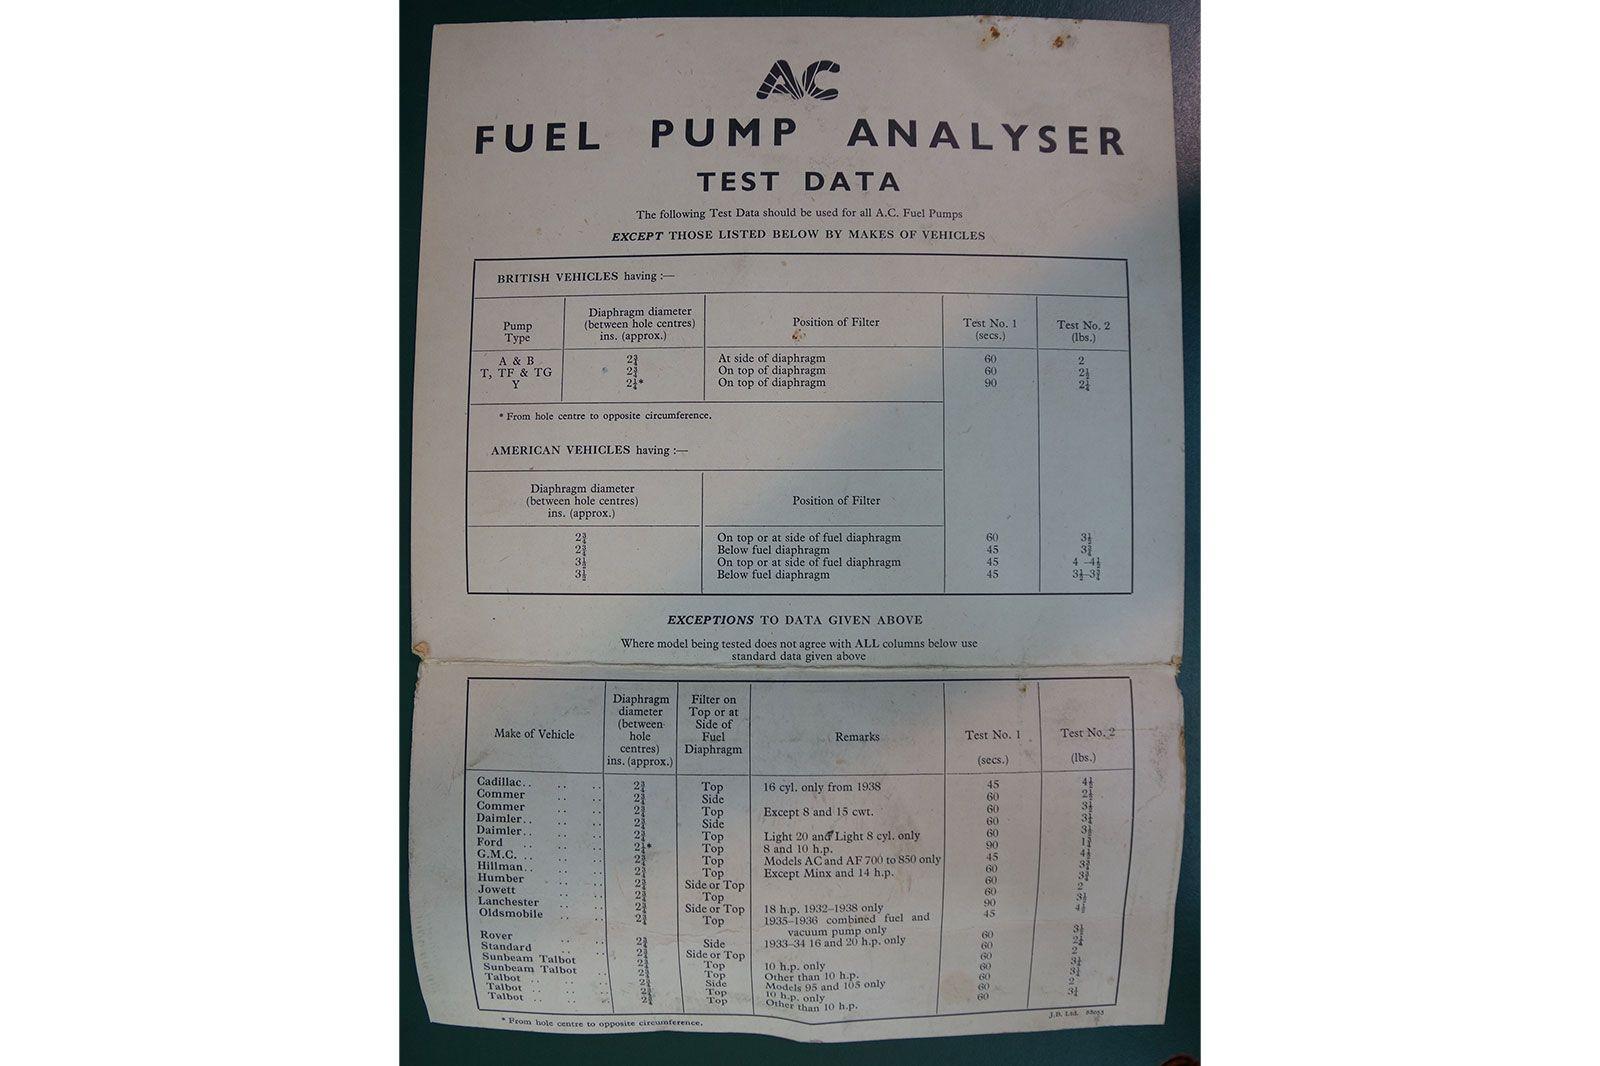 AC Brand Fuel Pump Analyser